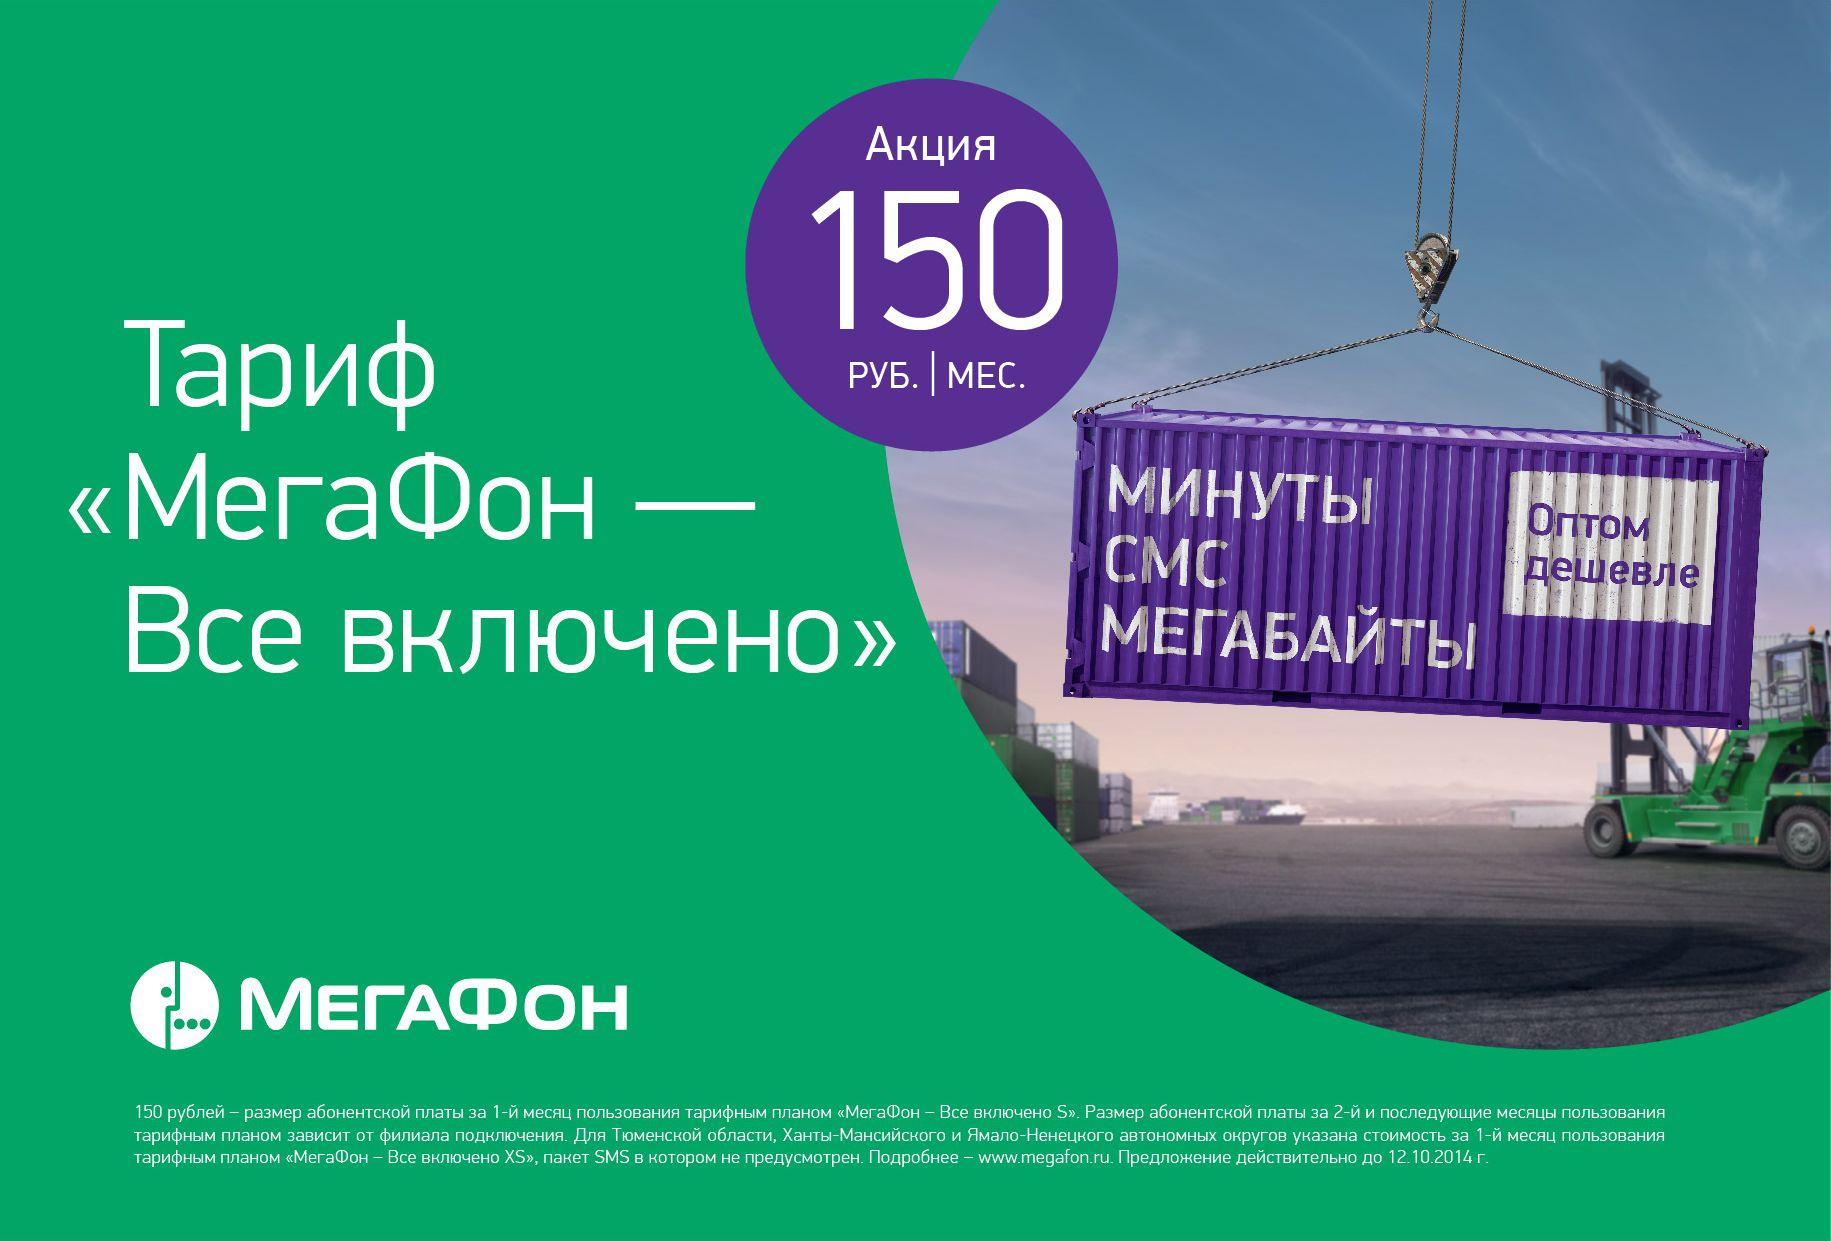 Звонки, SMS и мобильный интернет всего за 150 рублей в месяц!